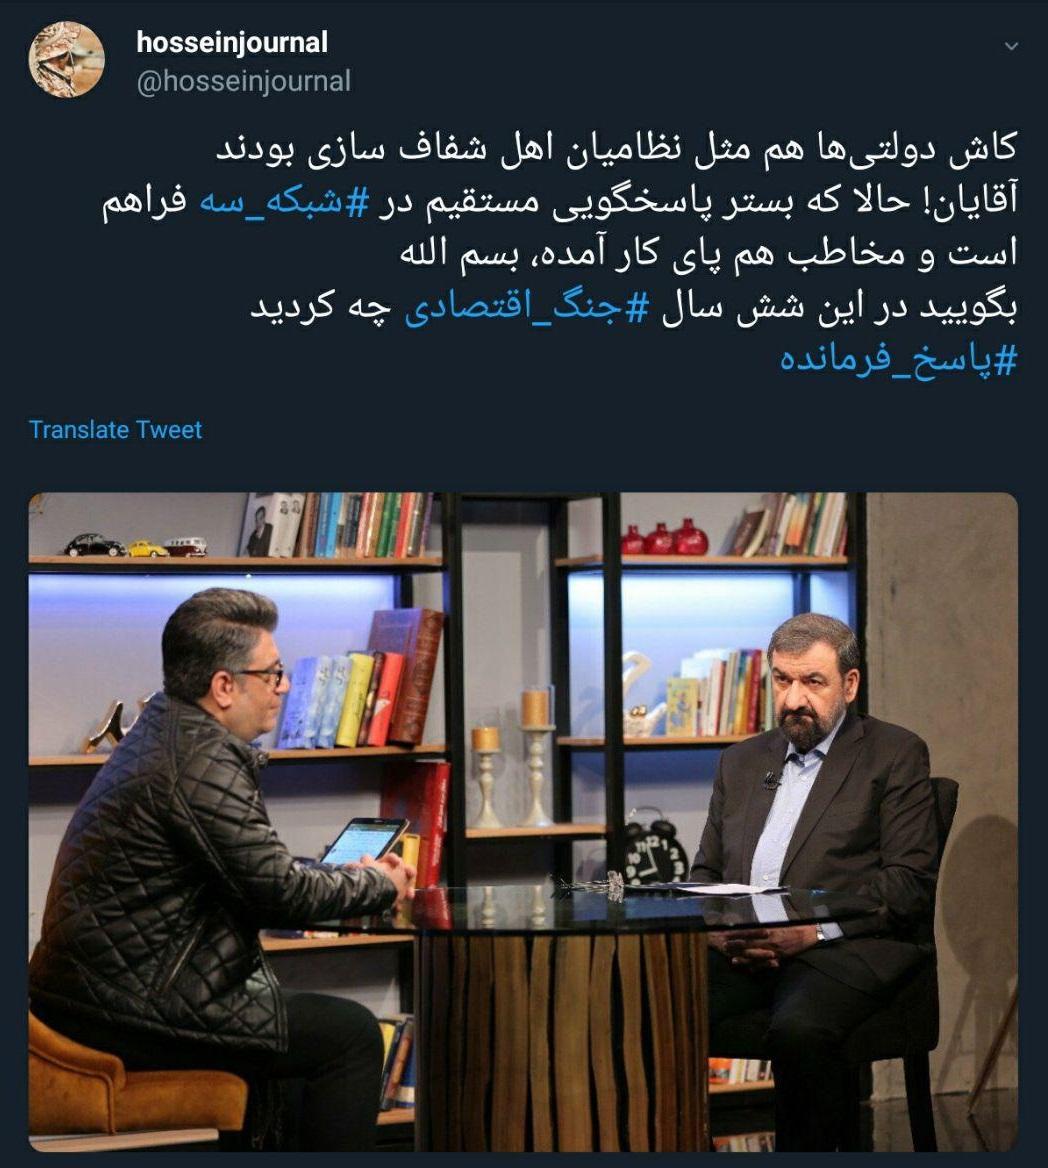 واکنش کاربران توییتر به حضور و پاسخگویی محسن رضایی در حالا خورشید - 10